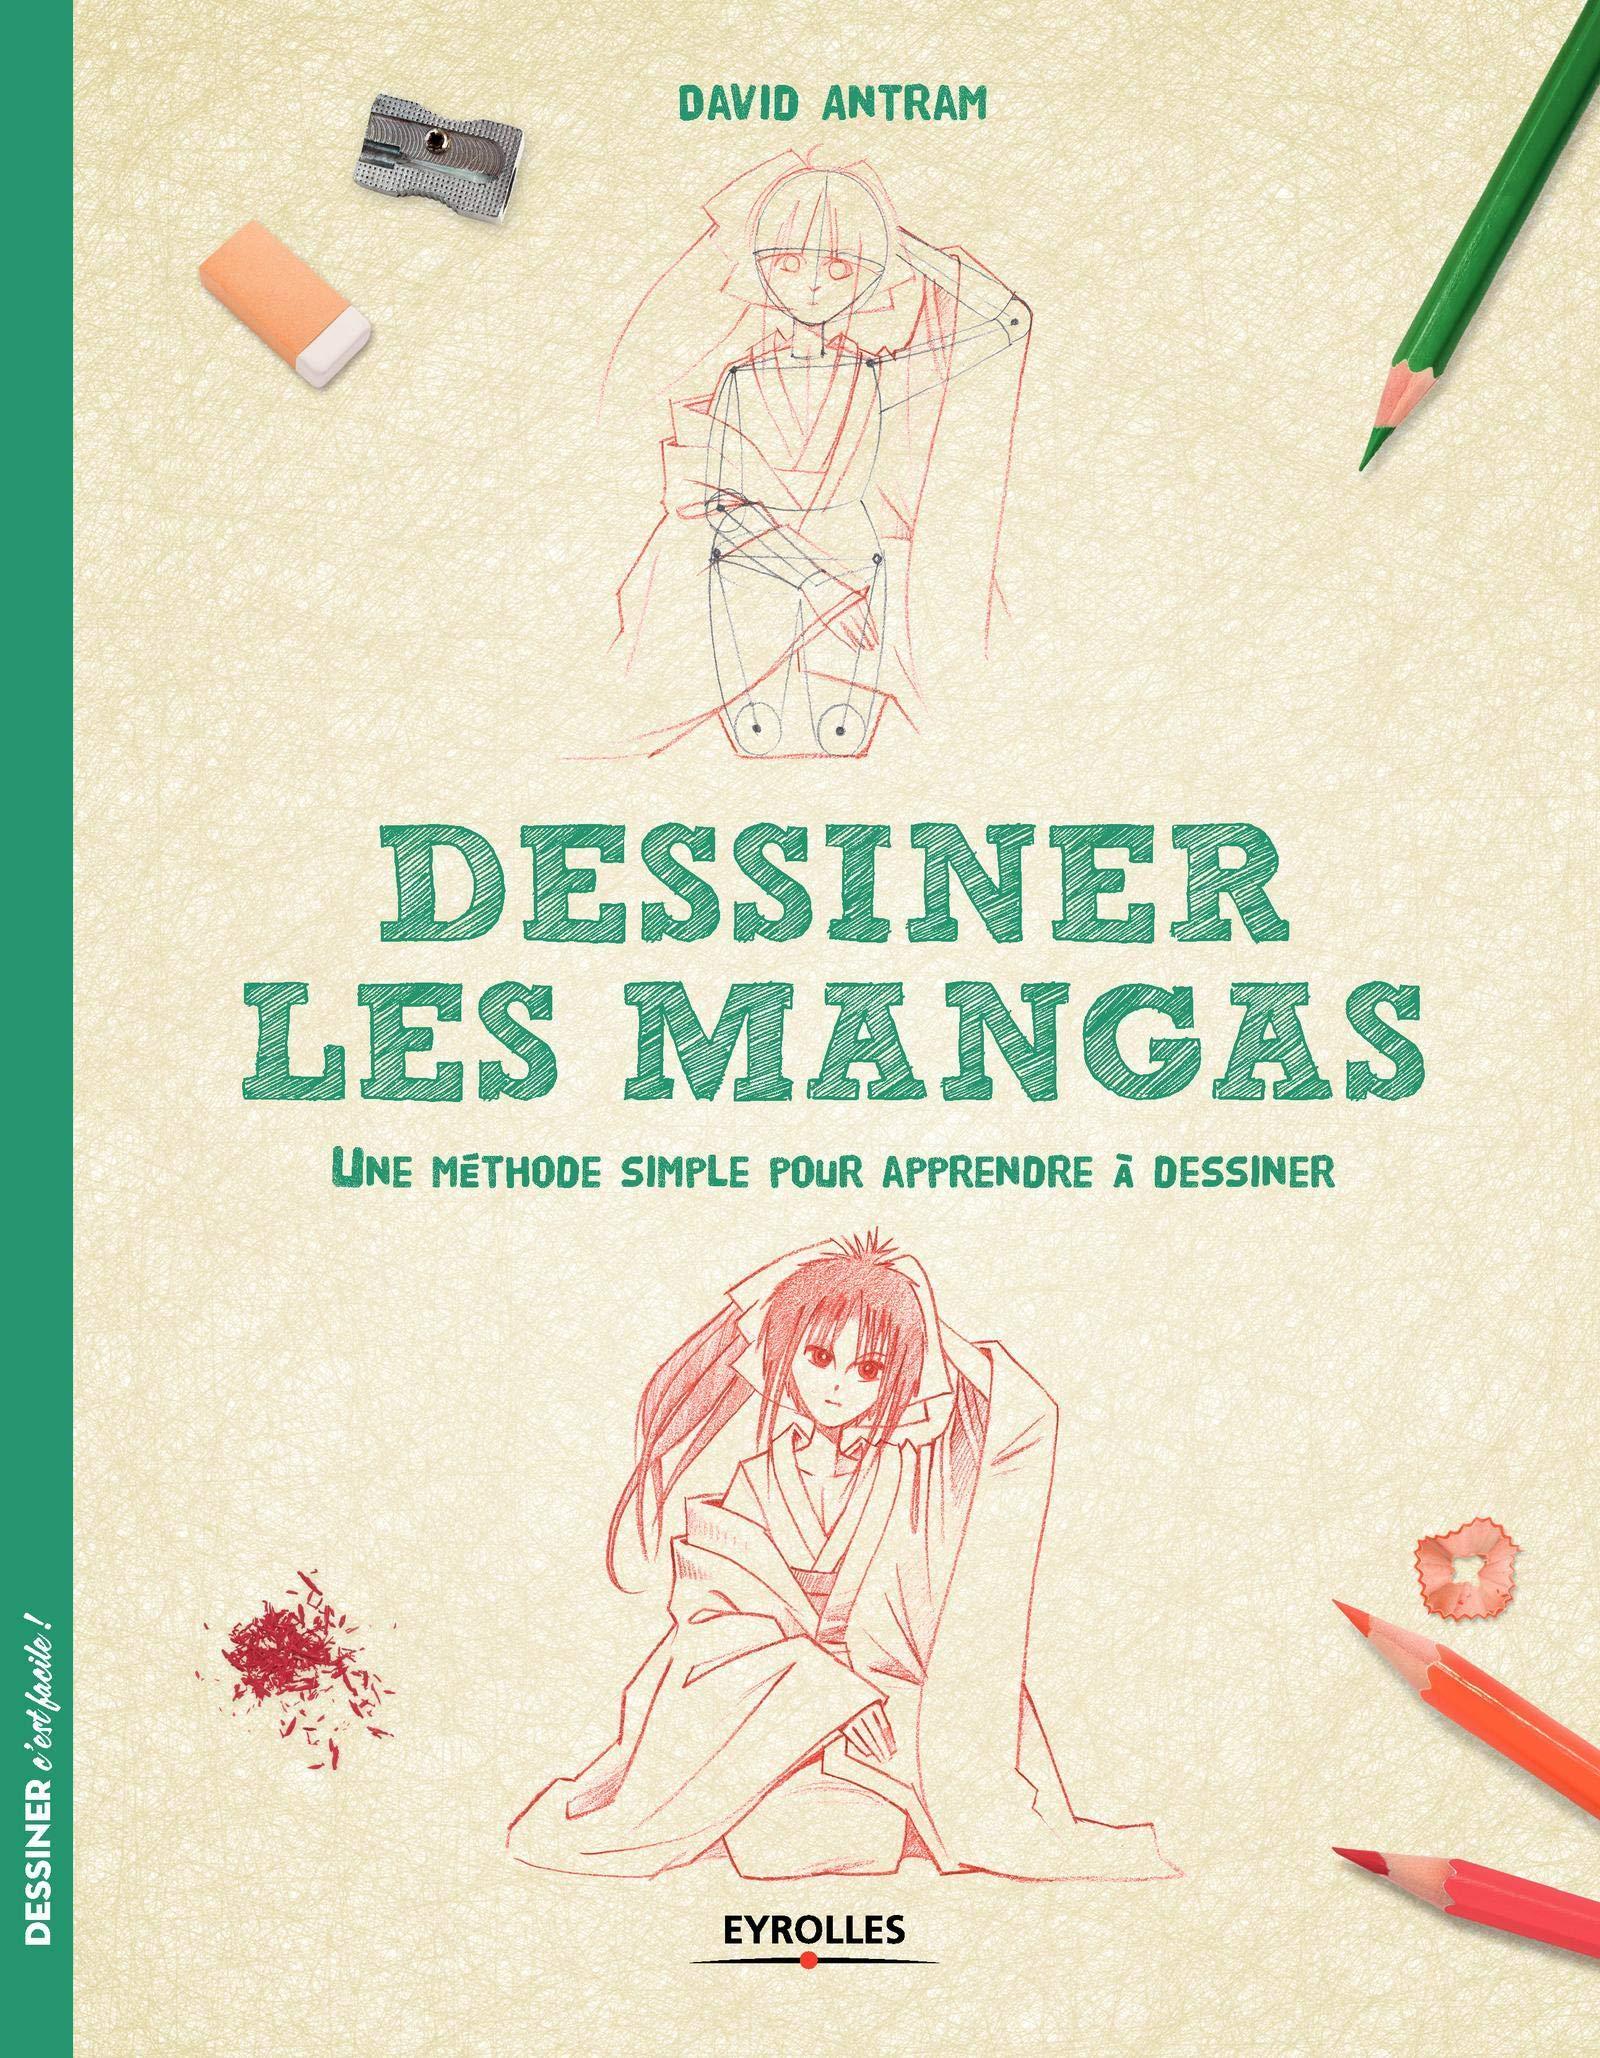 Dessiner Les Mangas Une Methode Simple Pour Apprendre A Dessiner